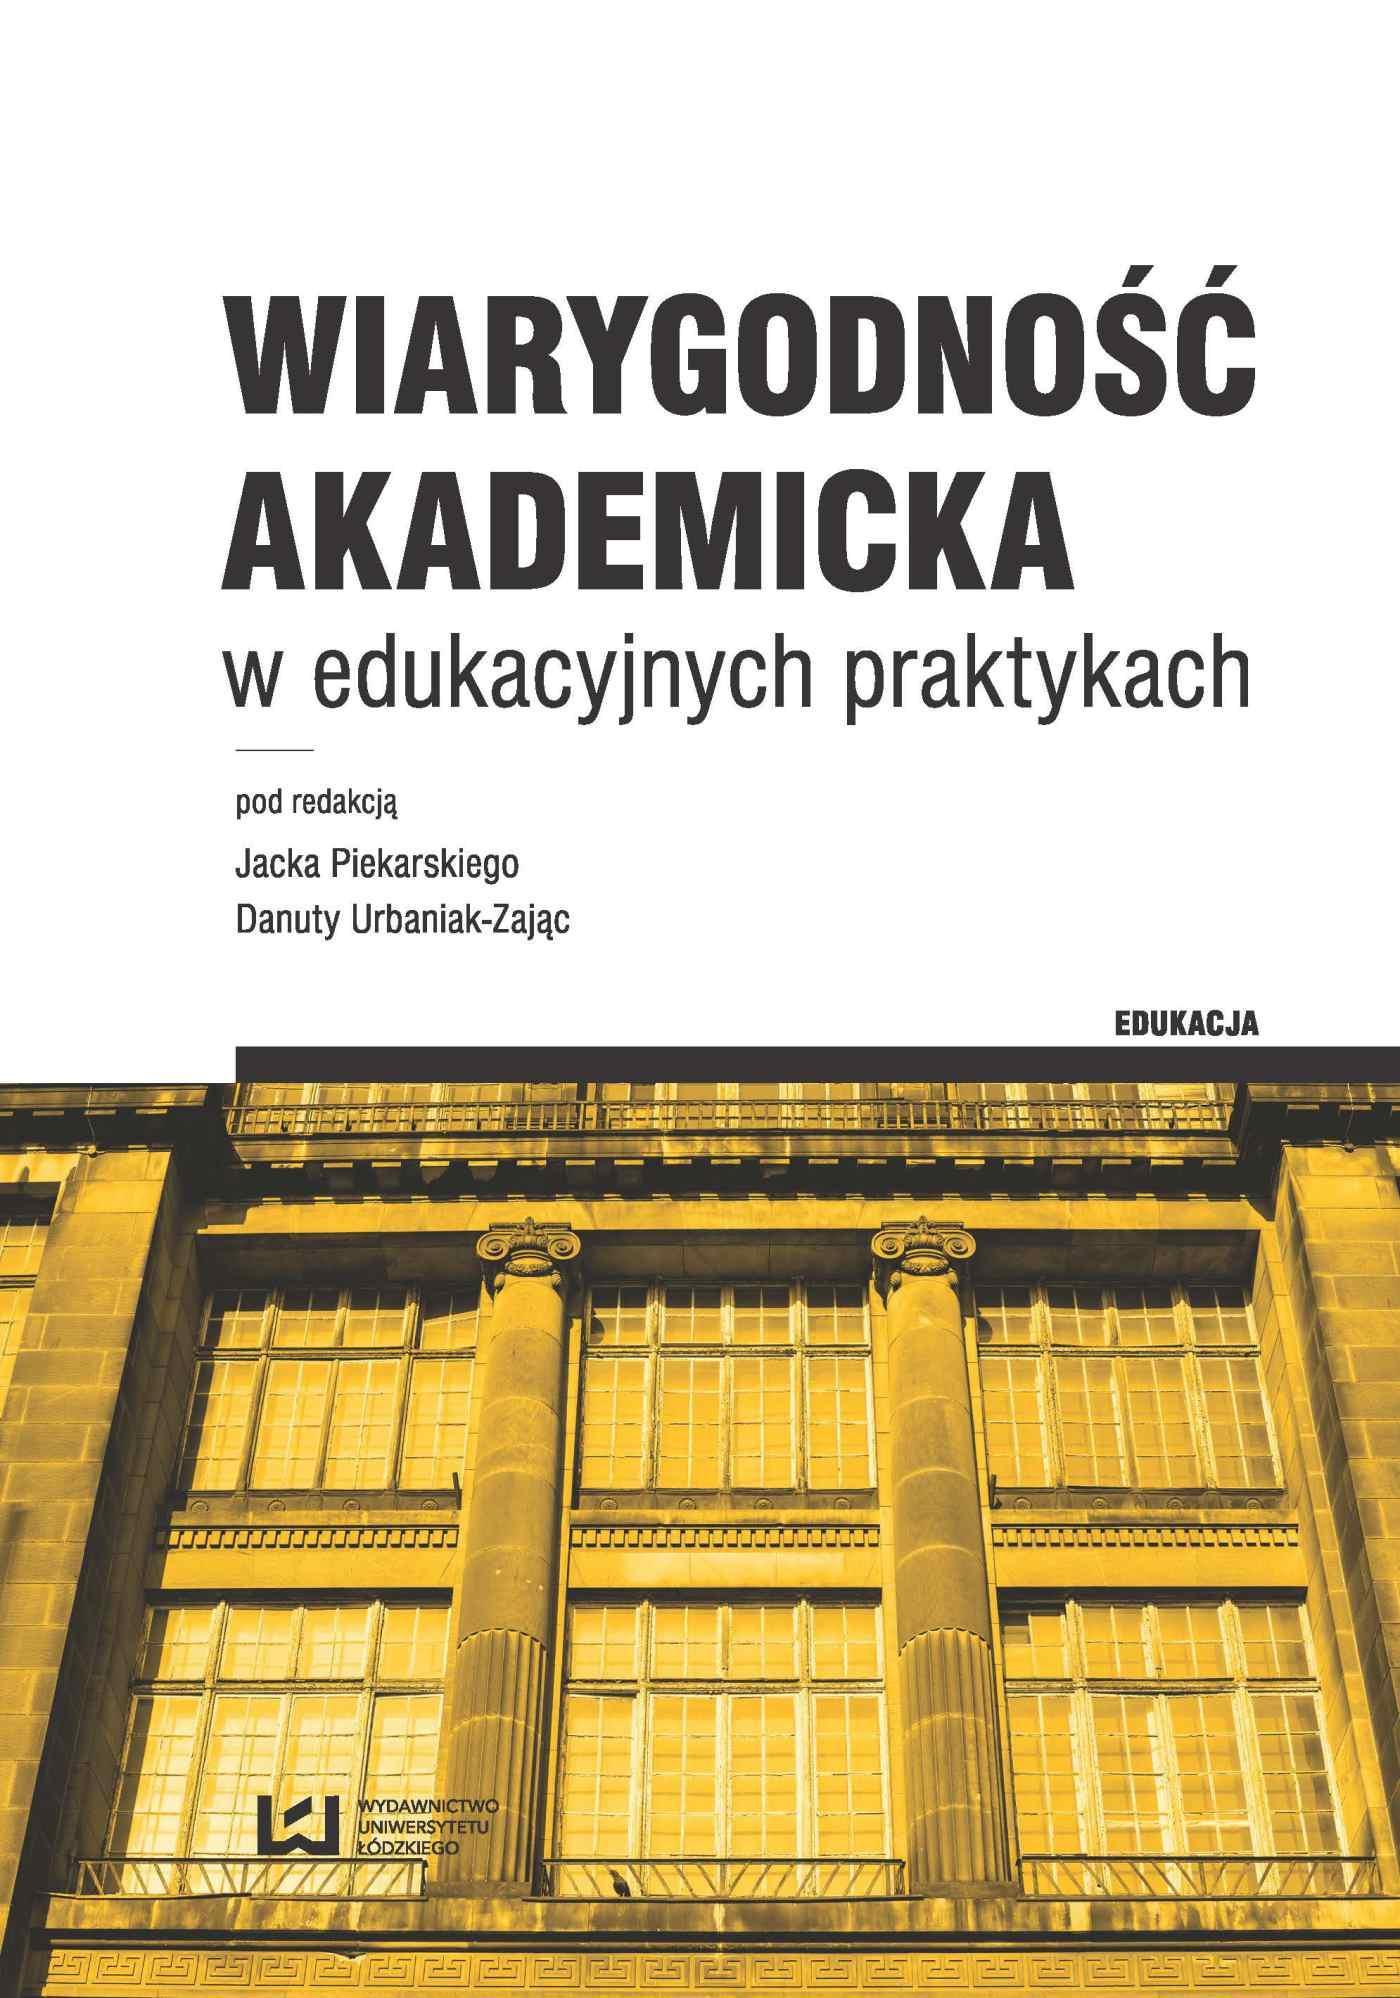 Wiarygodność akademicka w edukacyjnych praktykach - Ebook (Książka PDF) do pobrania w formacie PDF